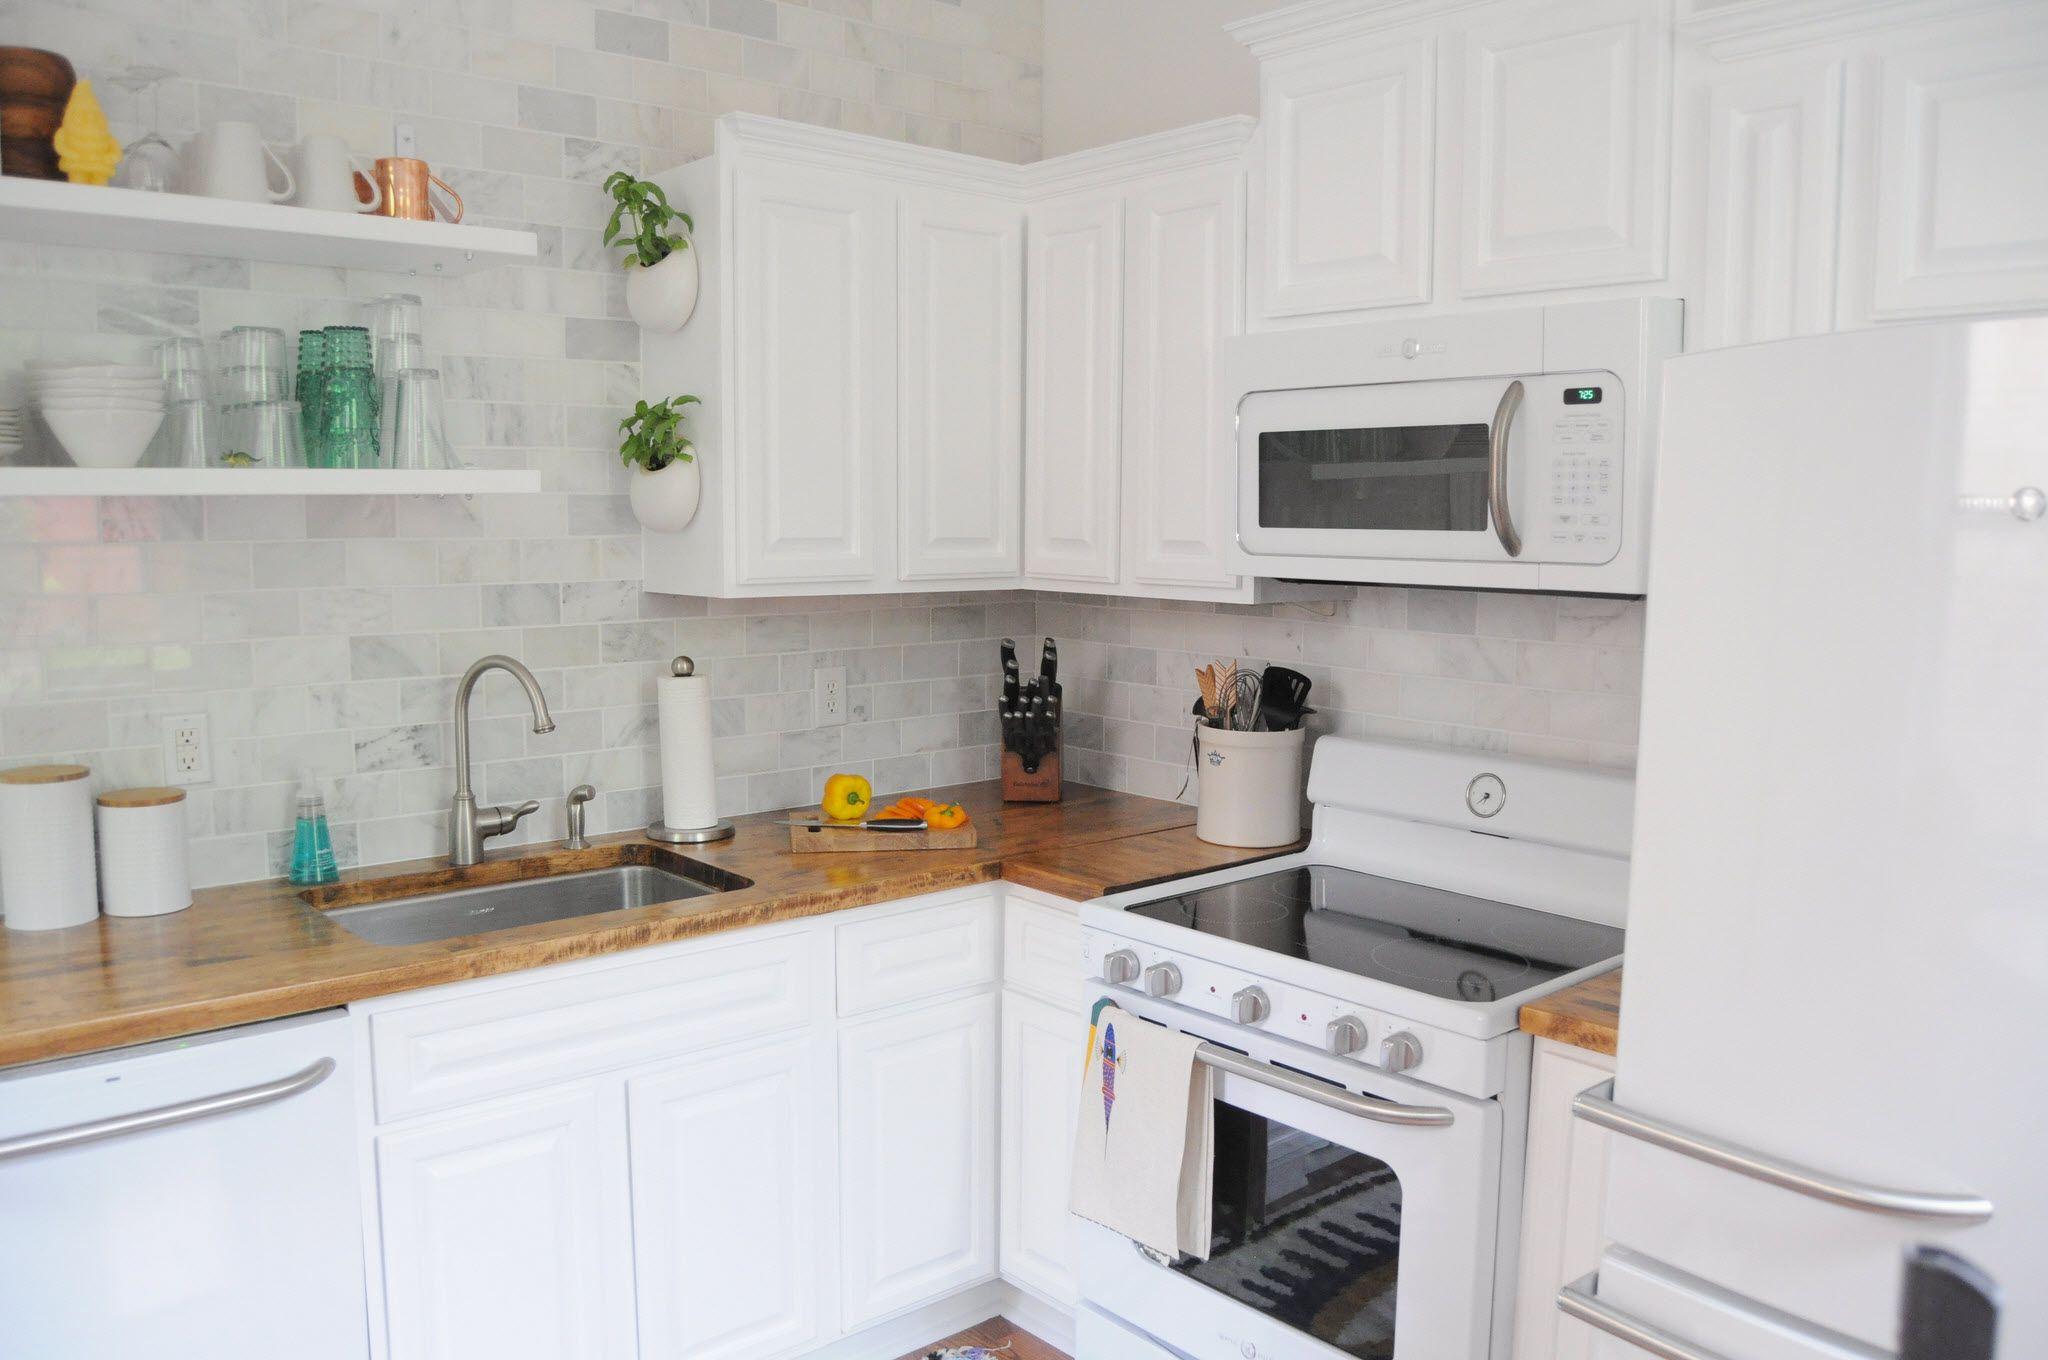 cocina pequeña color blanco | Muebles para mi | Pinterest | Cocina ...